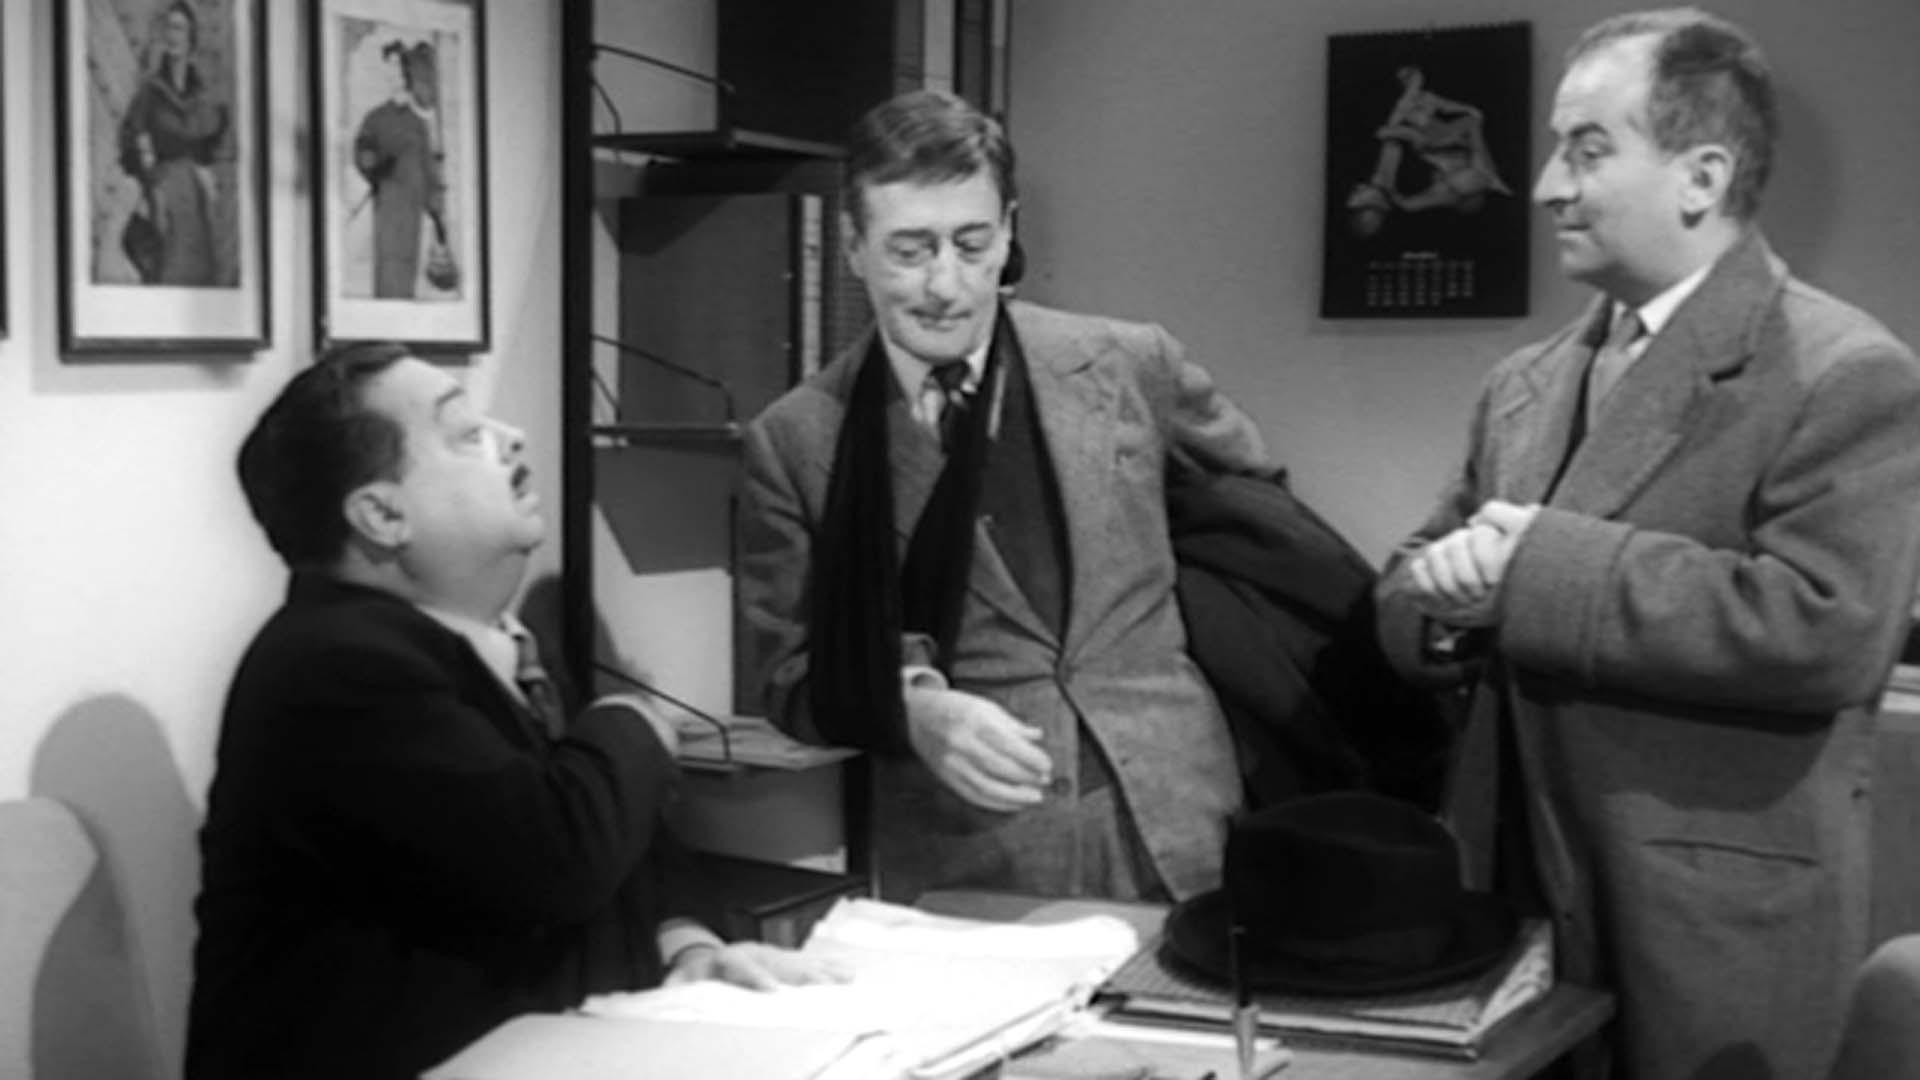 Aldo Fabrizi, Totò e Louis de Funes nel film I Tartassati di Steno